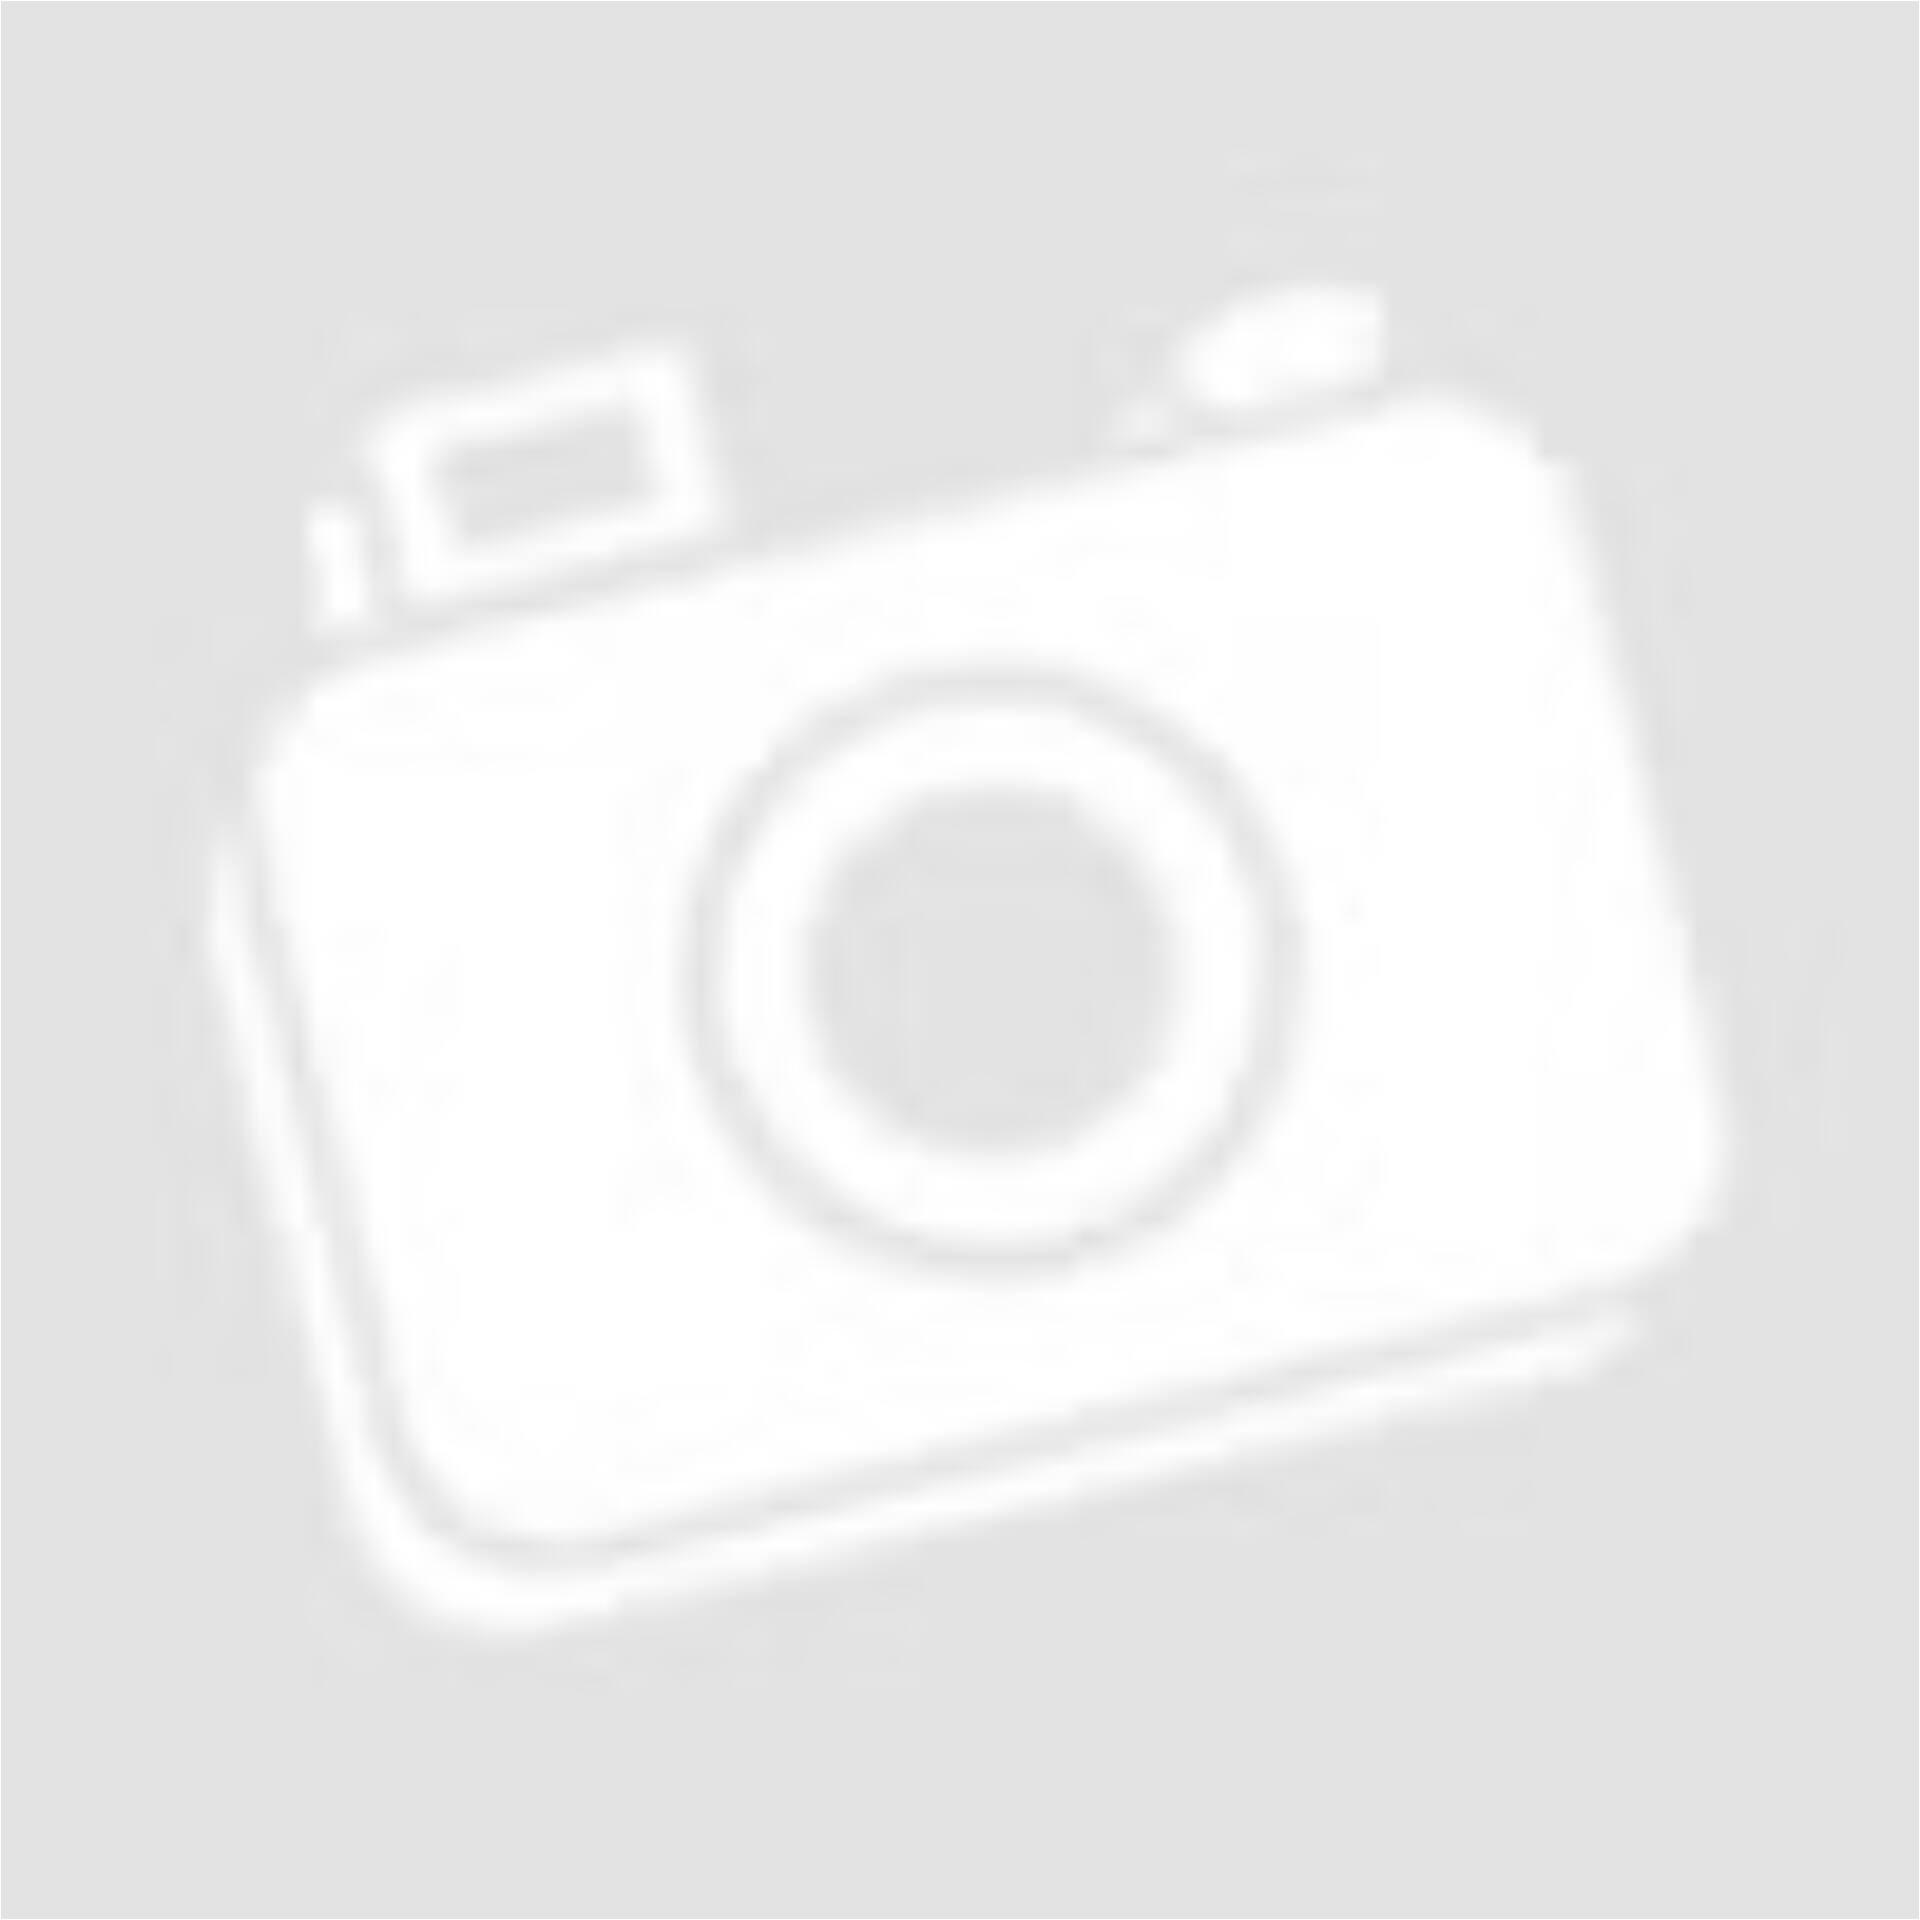 1d19bcddcc TM LEWIN fehér színű csinos ing (Méret: XS) - Ing - Öltözz ki ...